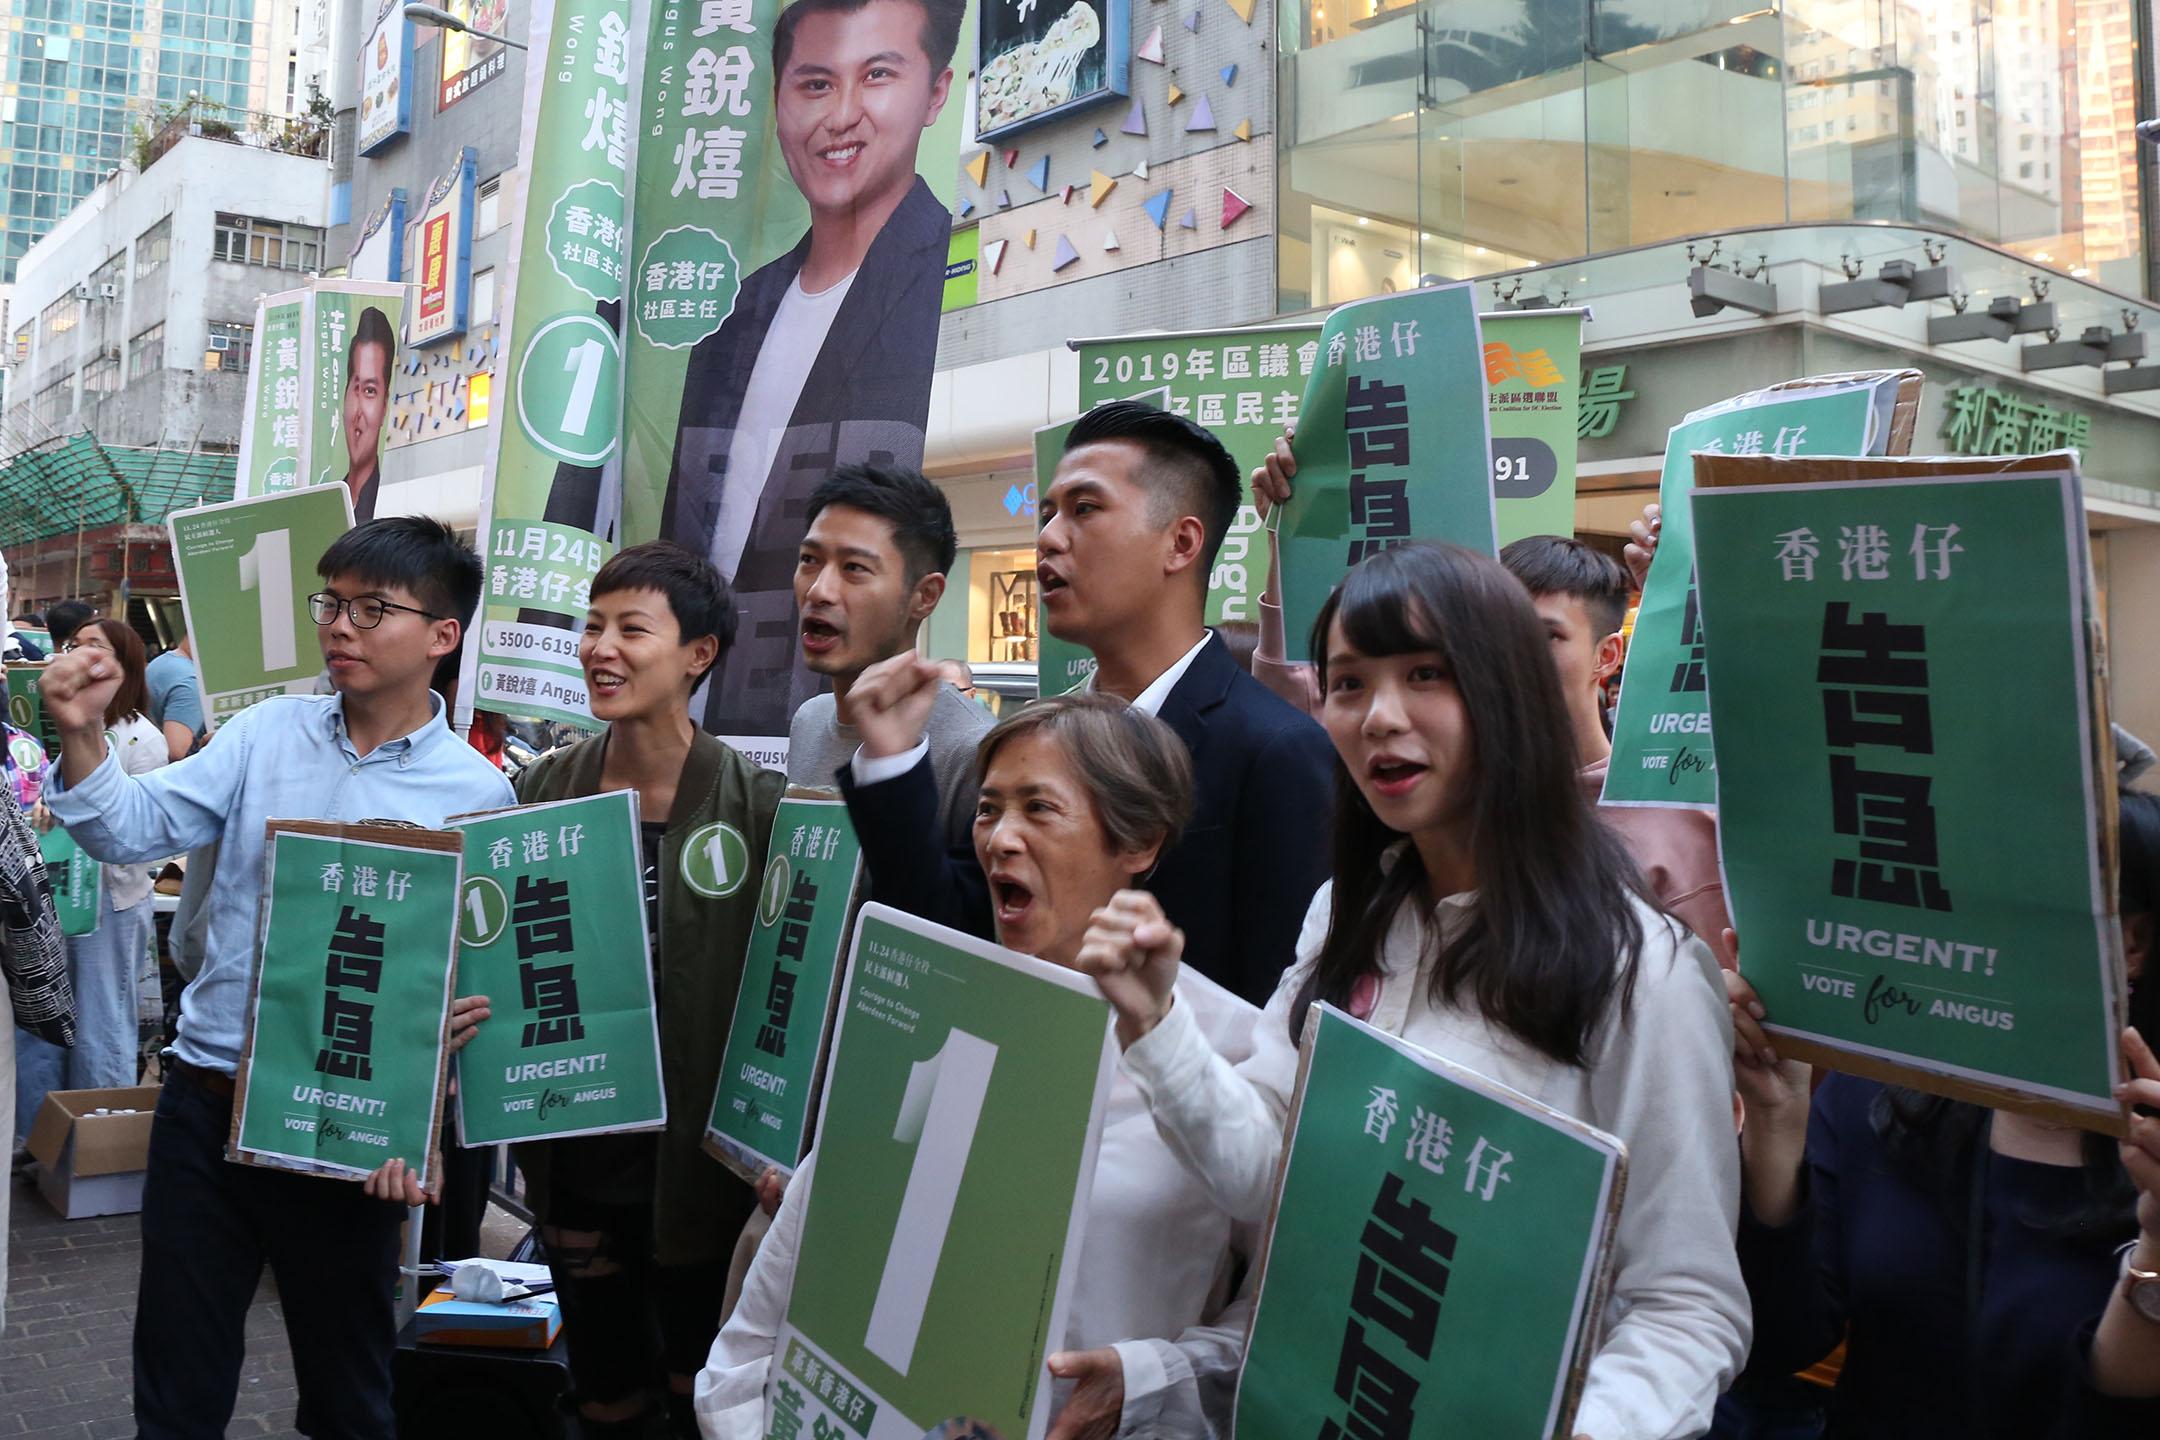 2019年11月24日區議會選舉投票日,葉德嫻、何韻詩、王宗堯、黃之鋒、周庭等人到場為香港仔選區民主派候選人黃銳熺助選。同區候選人為任葆琳、李建成。